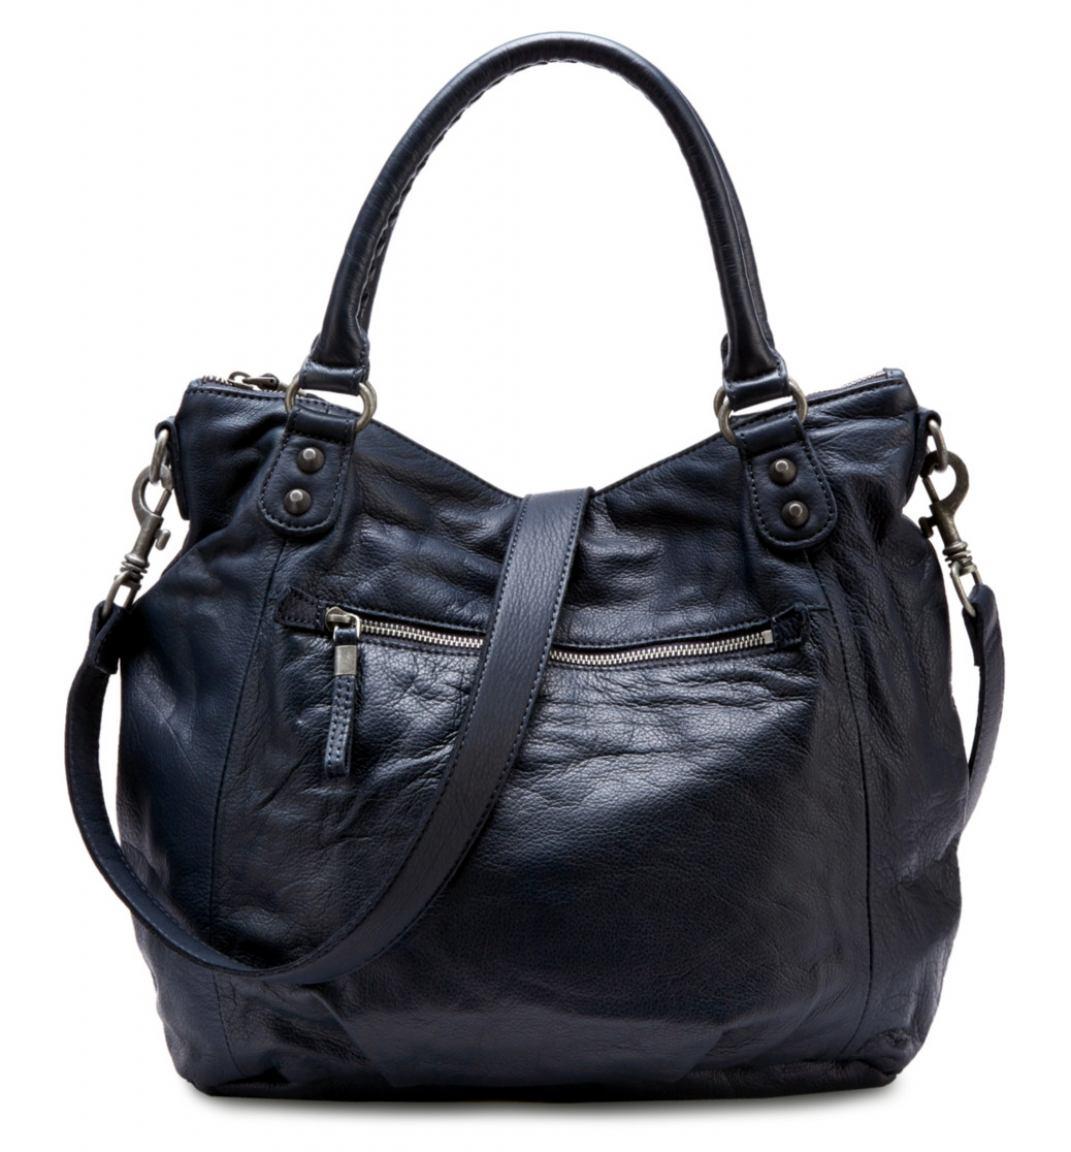 liebeskind greta6 vintage handtasche leder dunkelblau. Black Bedroom Furniture Sets. Home Design Ideas